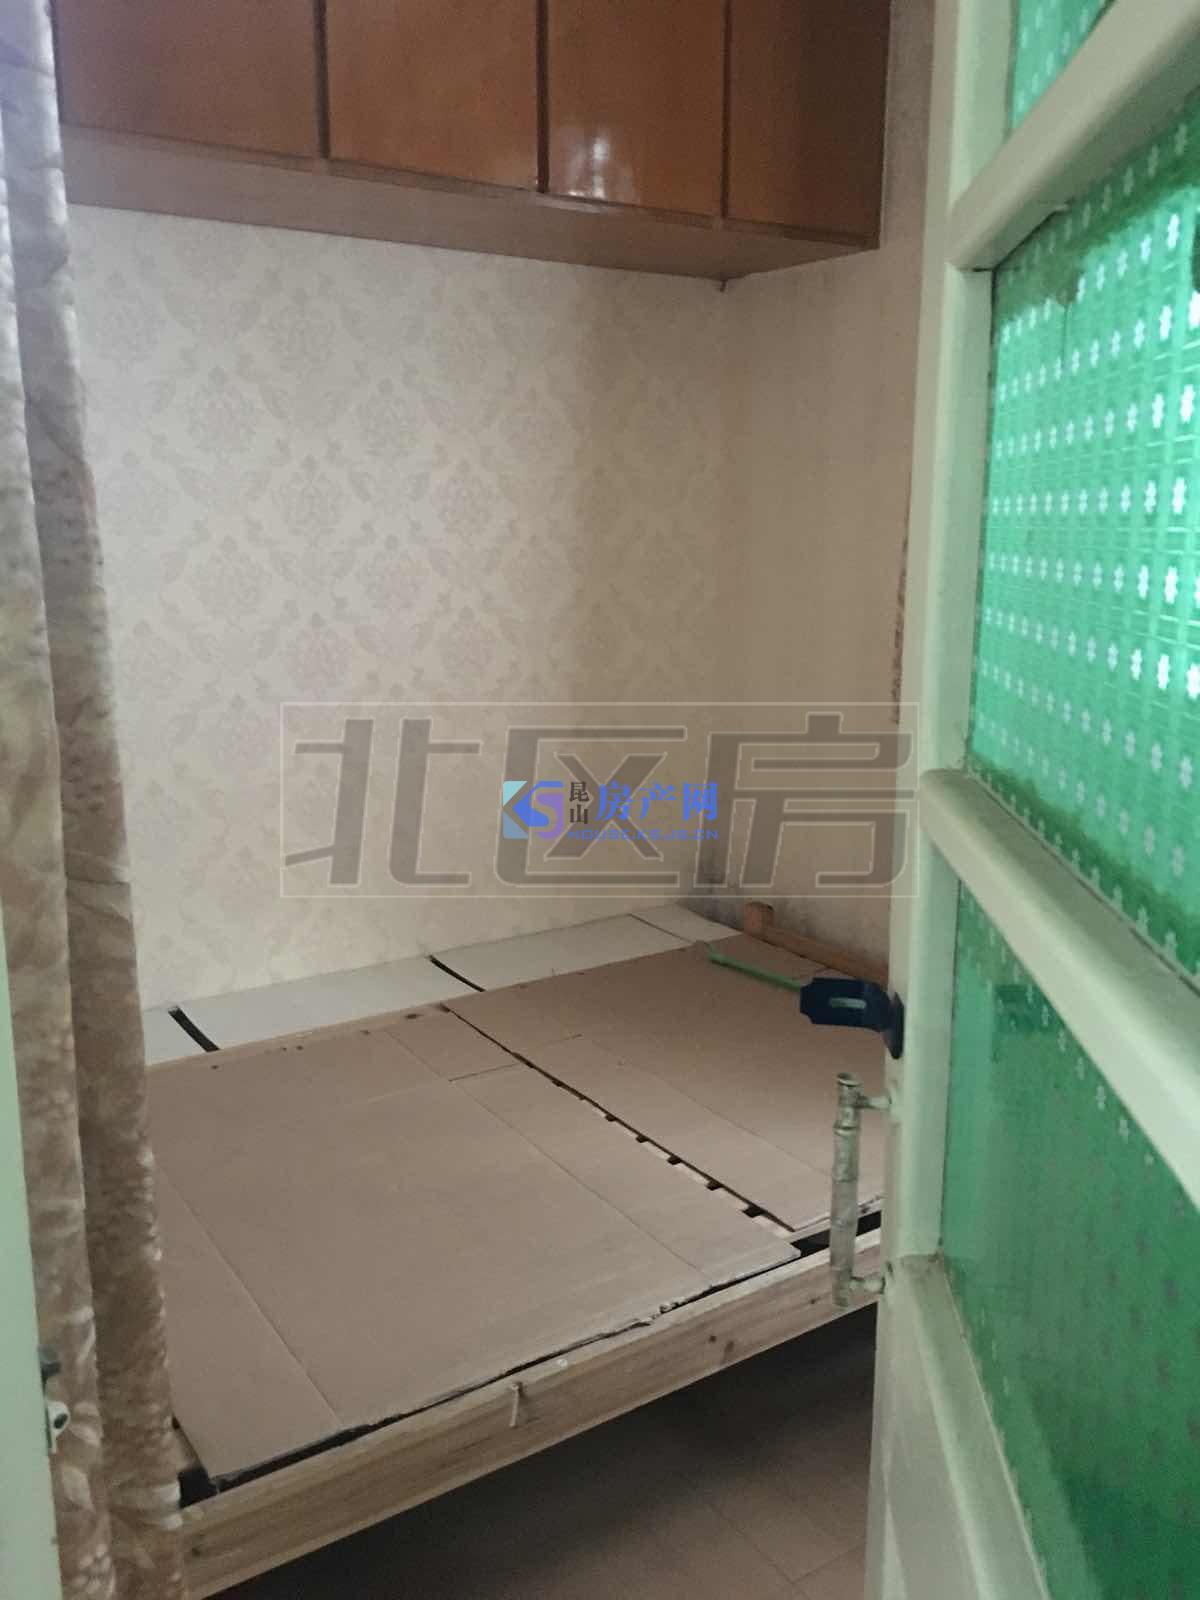 北栅湾小区,精装两房出租,低楼层,交通便利,1500